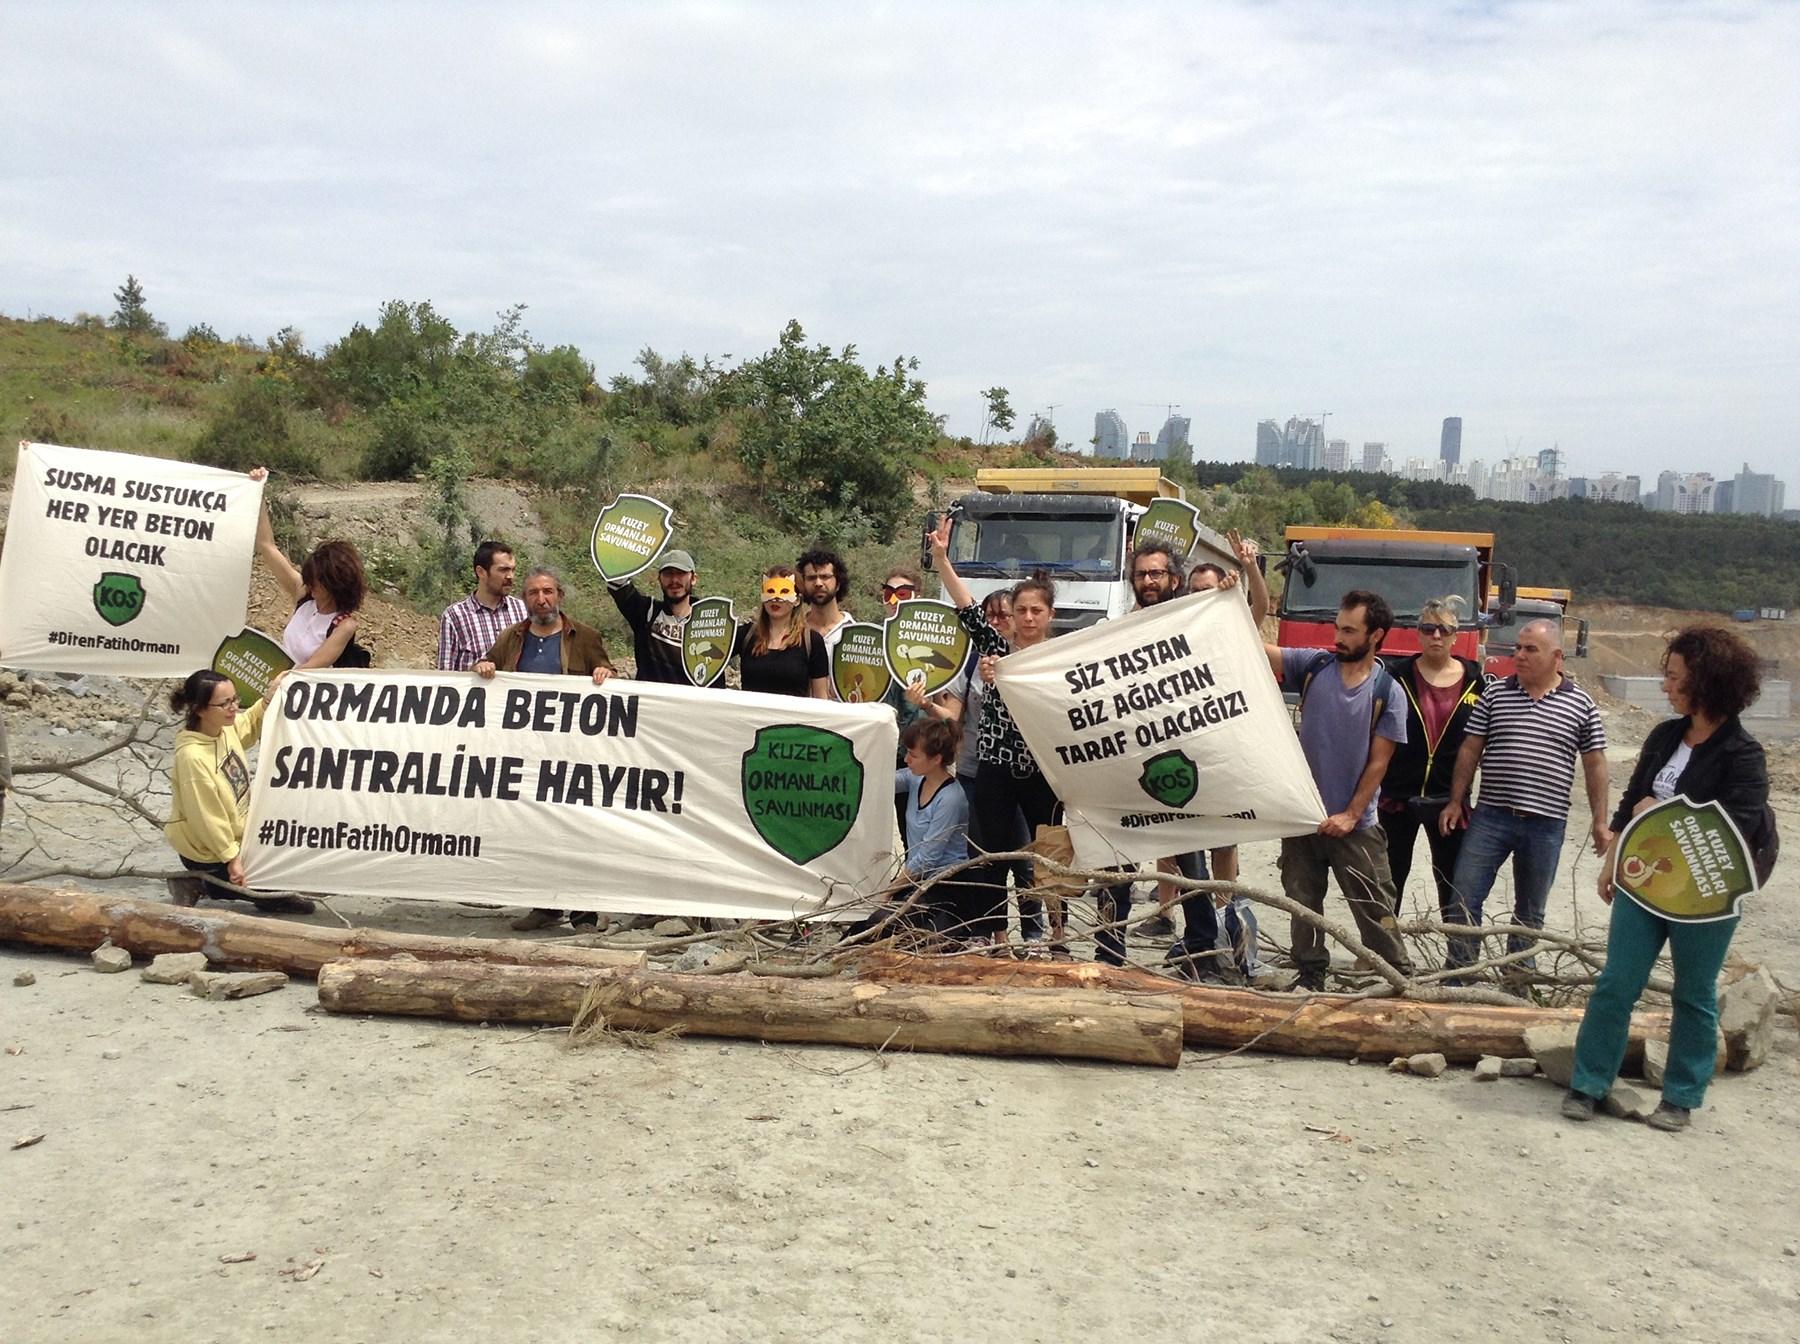 """Yaşam savunucuları Fatih Ormanı'nda kamyonları durdurdu: """"Biz ağaçtan yana olacağız!"""""""